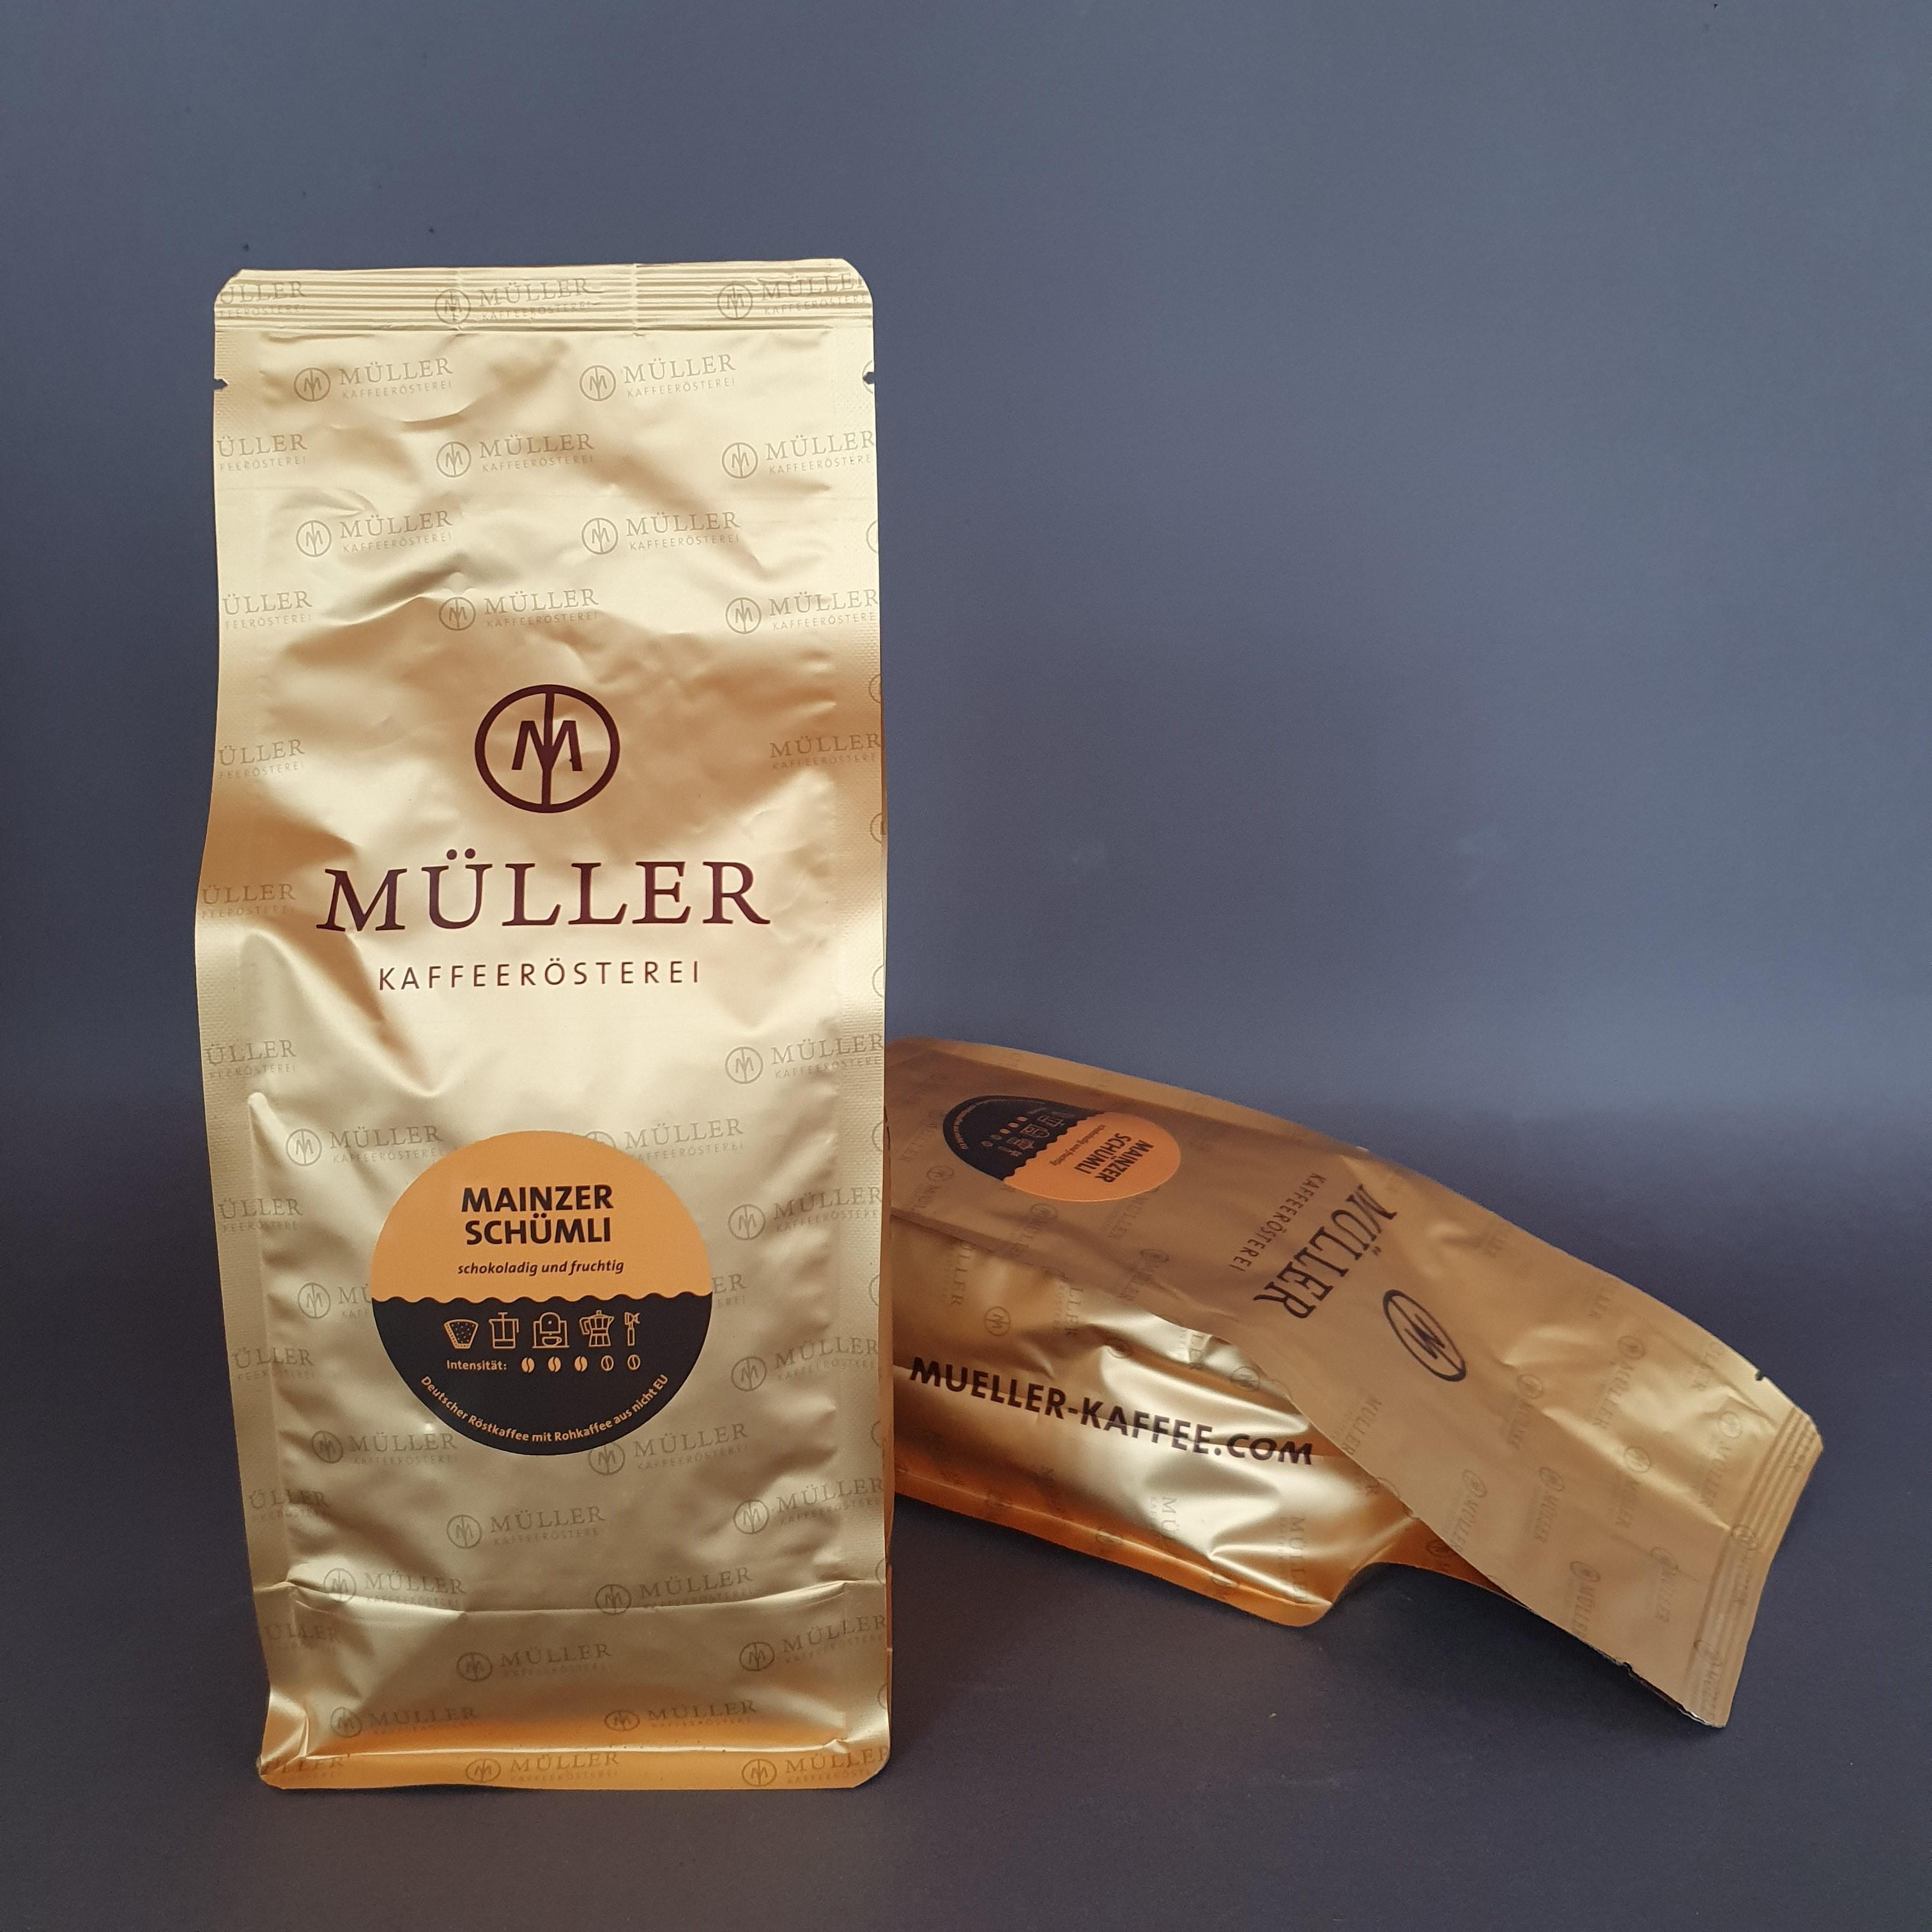 Mainzer Schümli 500g von Müller Kaffee